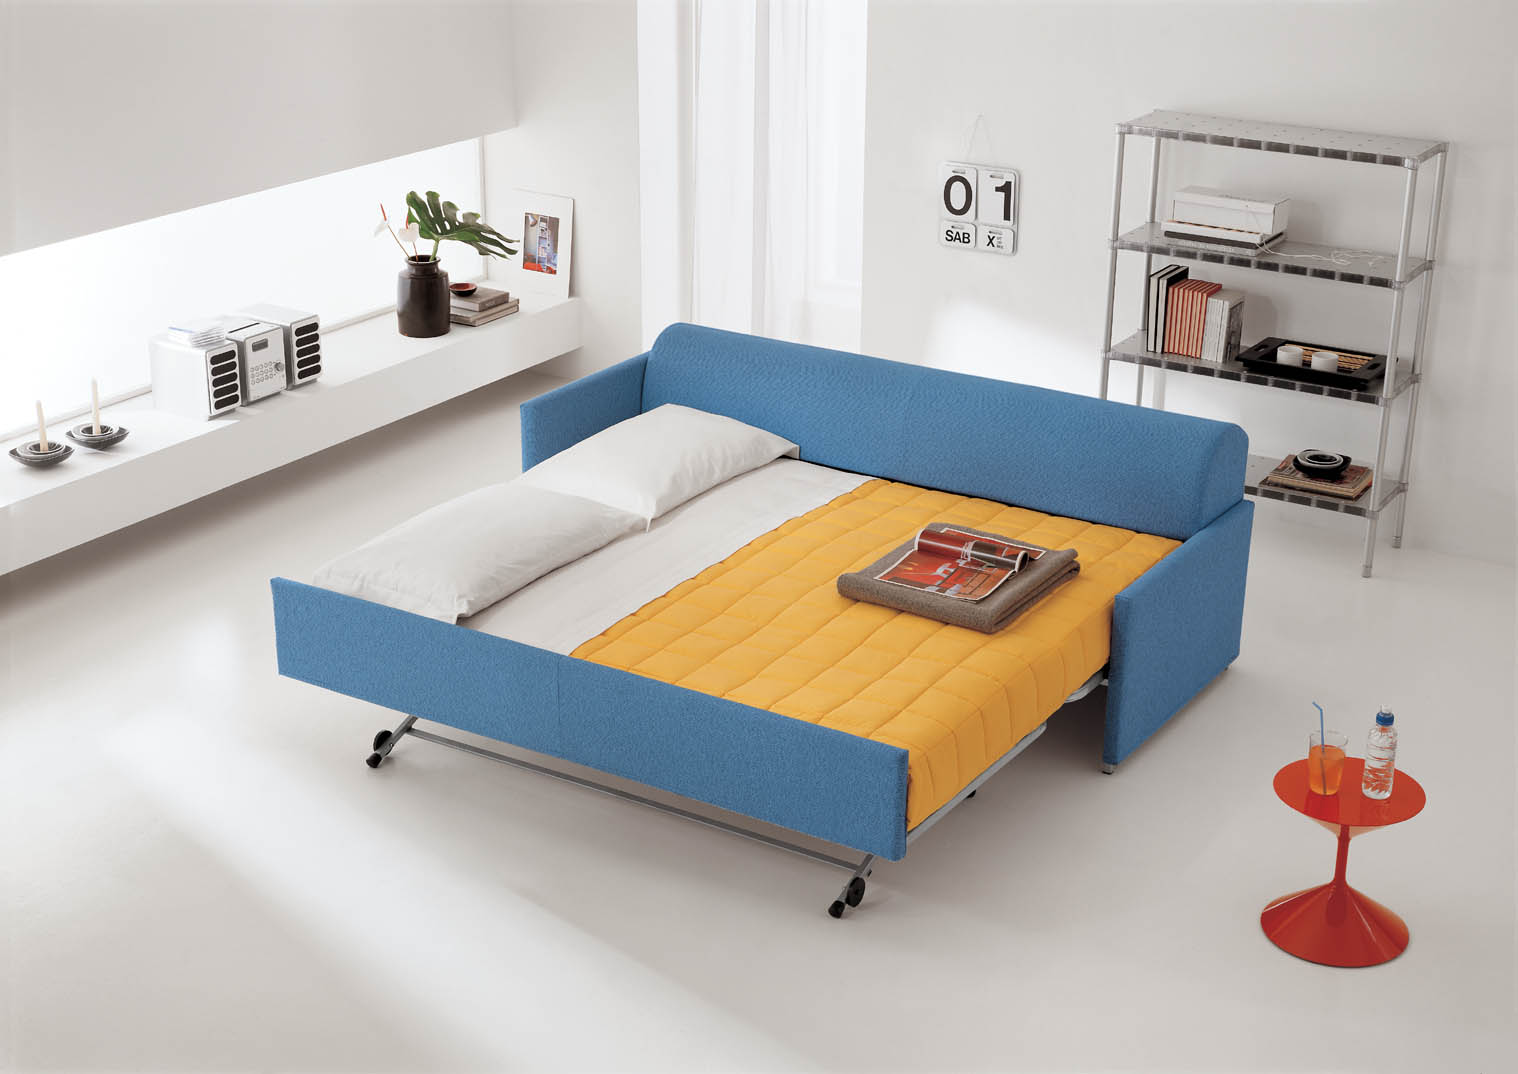 Letto con doghe in legno rete in legno a doghe la essenza base una with letto con doghe in - Divani letto con doghe ...